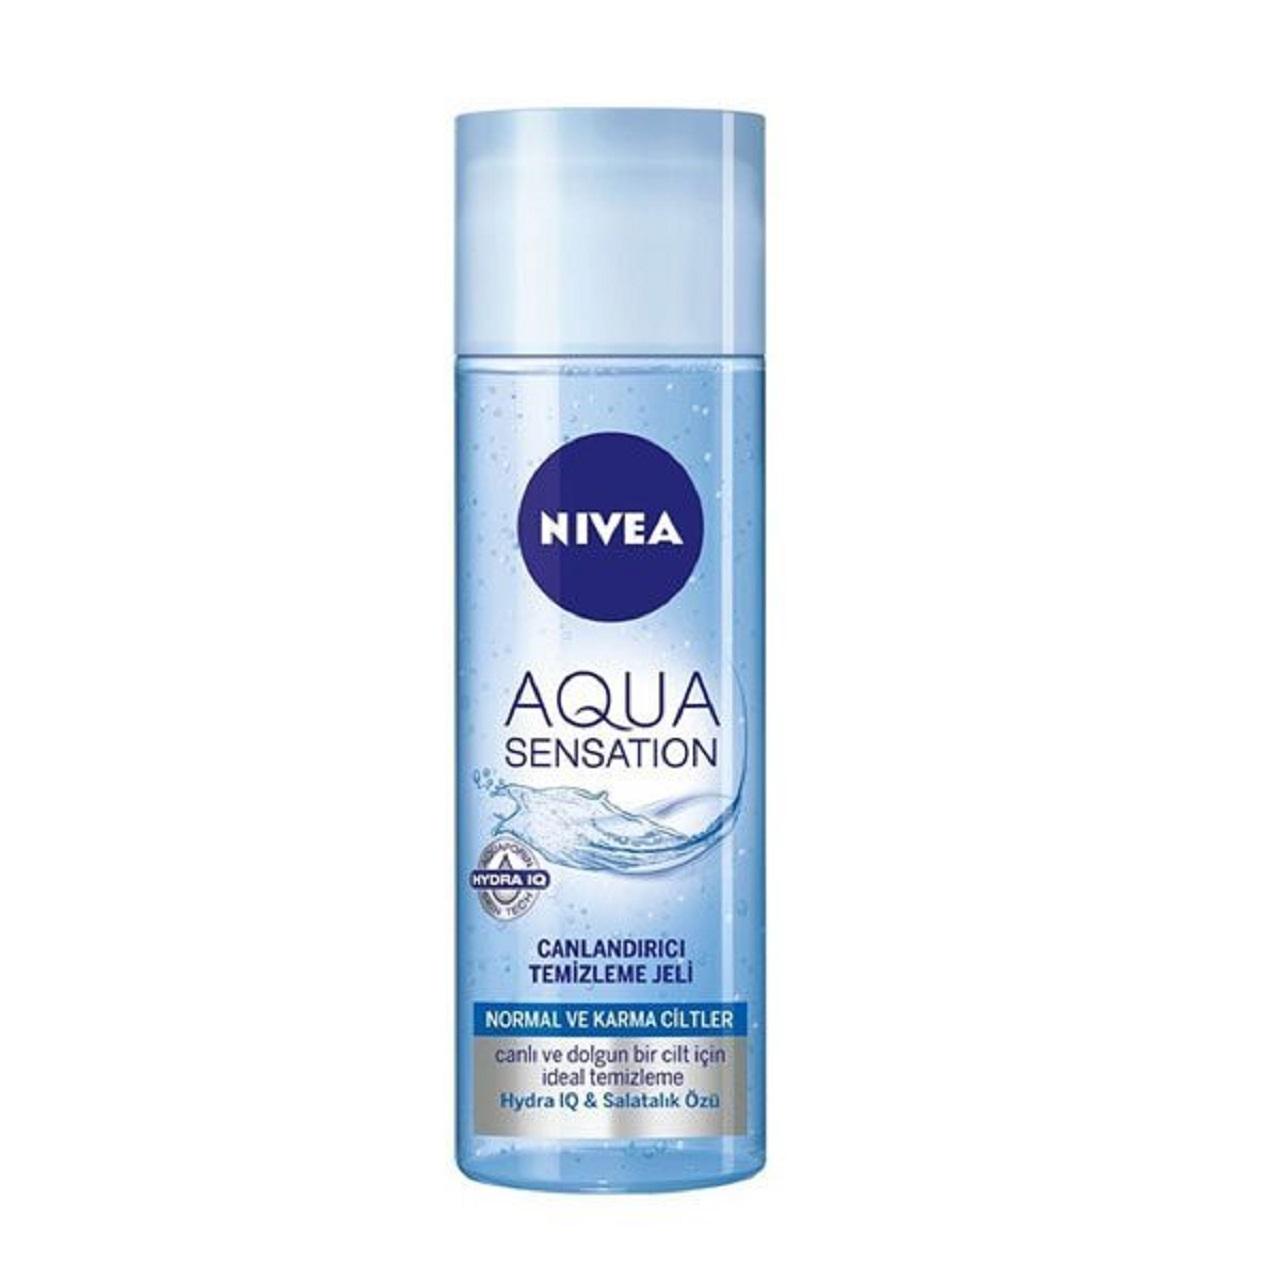 ژل پاک کننده آرایش صورت نیوآ مدل AQua sensation حجم 200 میلی لیتر